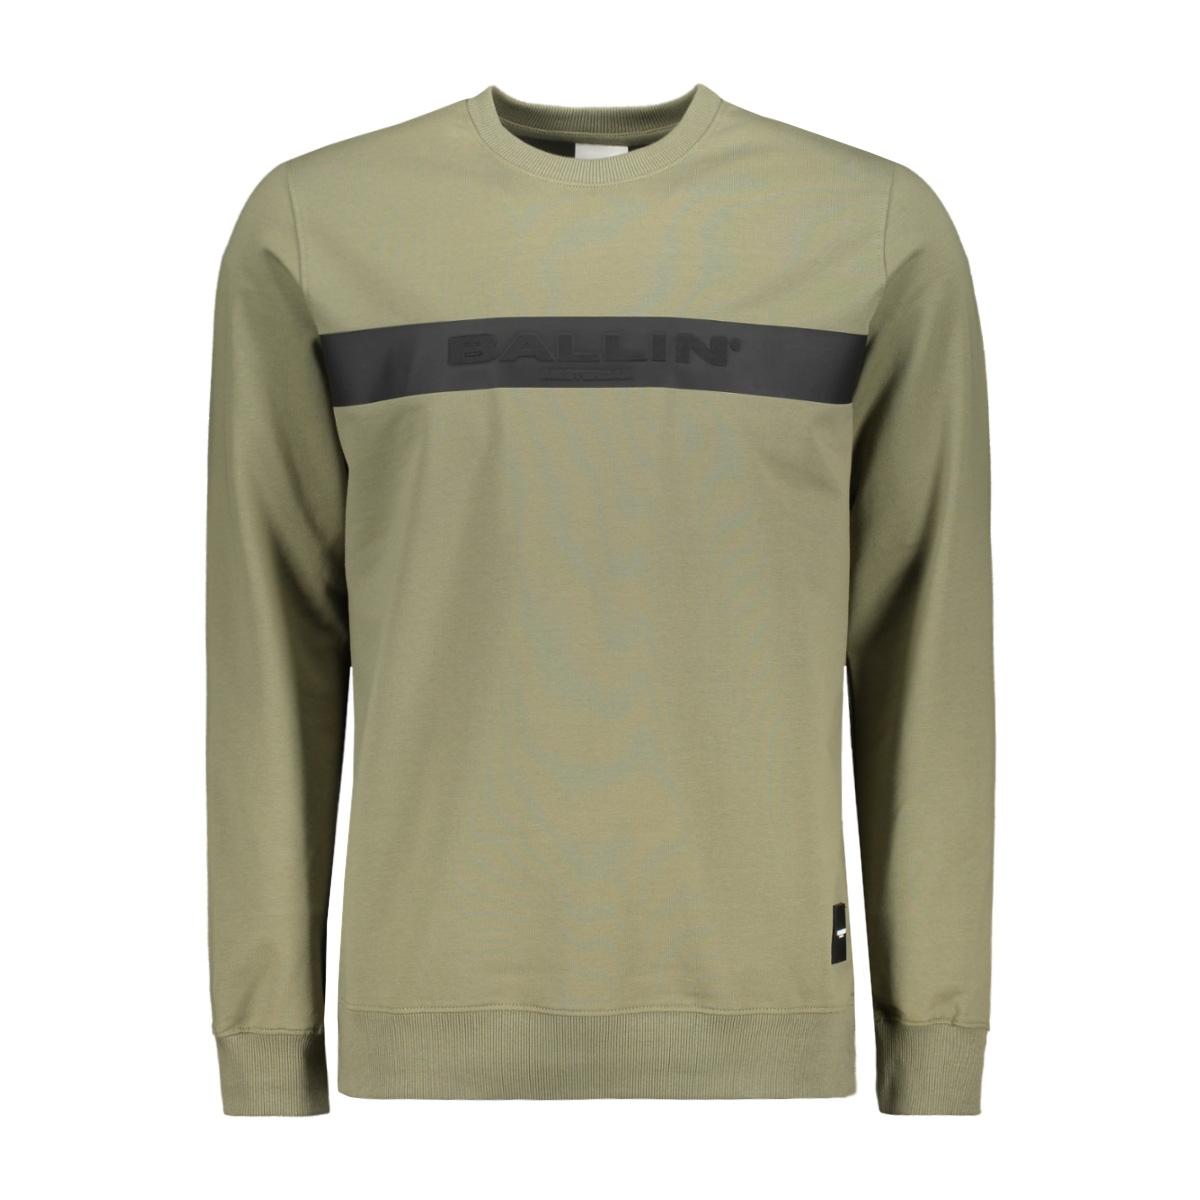 ballin 20019301 ballin sweater 08 lt army